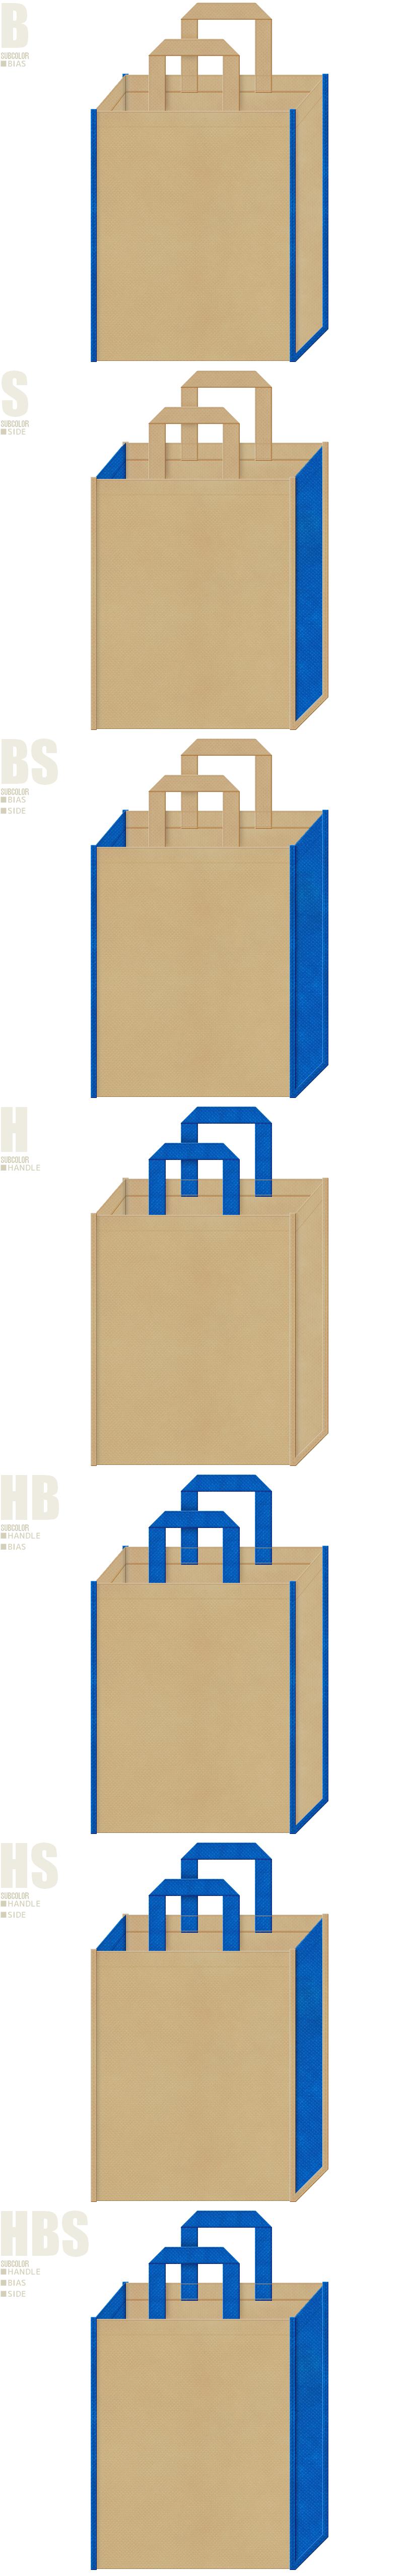 不織布バッグのデザイン:不織布メインカラーNo.21+サブカラーNo.22の2色7パターン